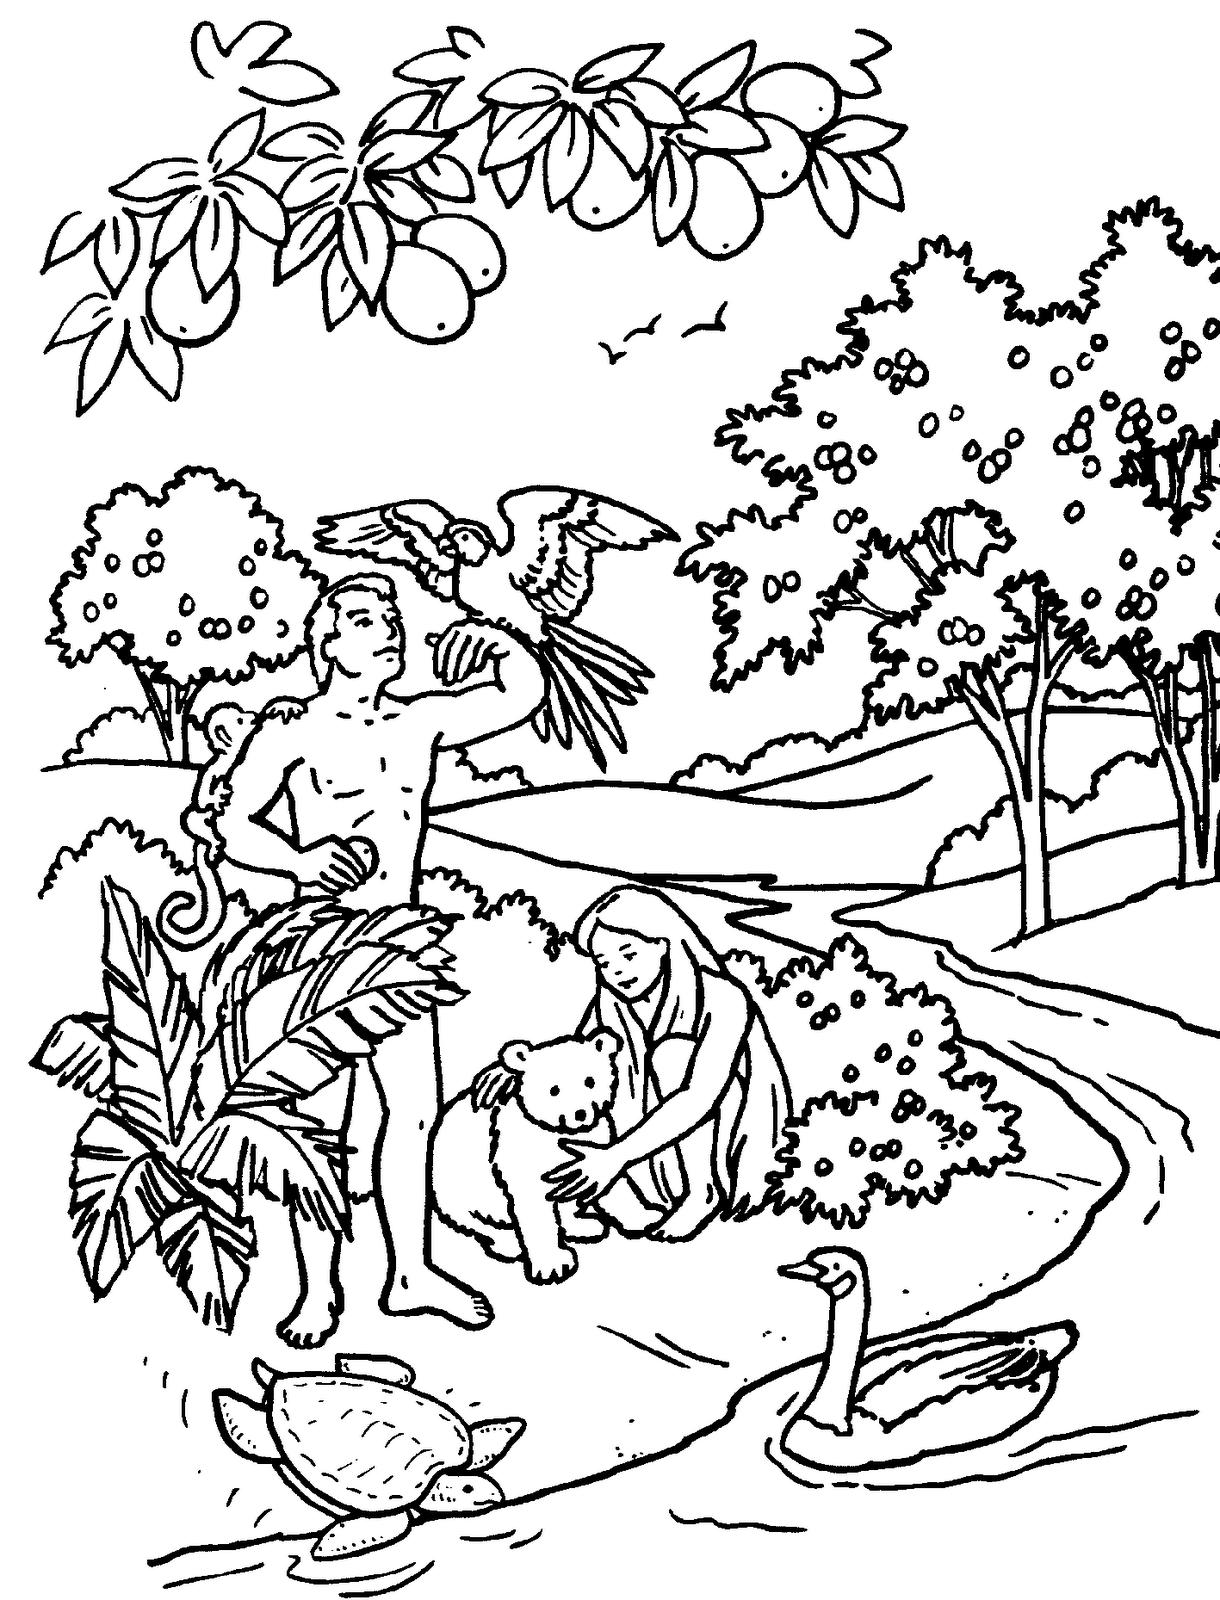 Dibujos Para Colorear Y Coloreado De Adán Y Eva En El Huerto